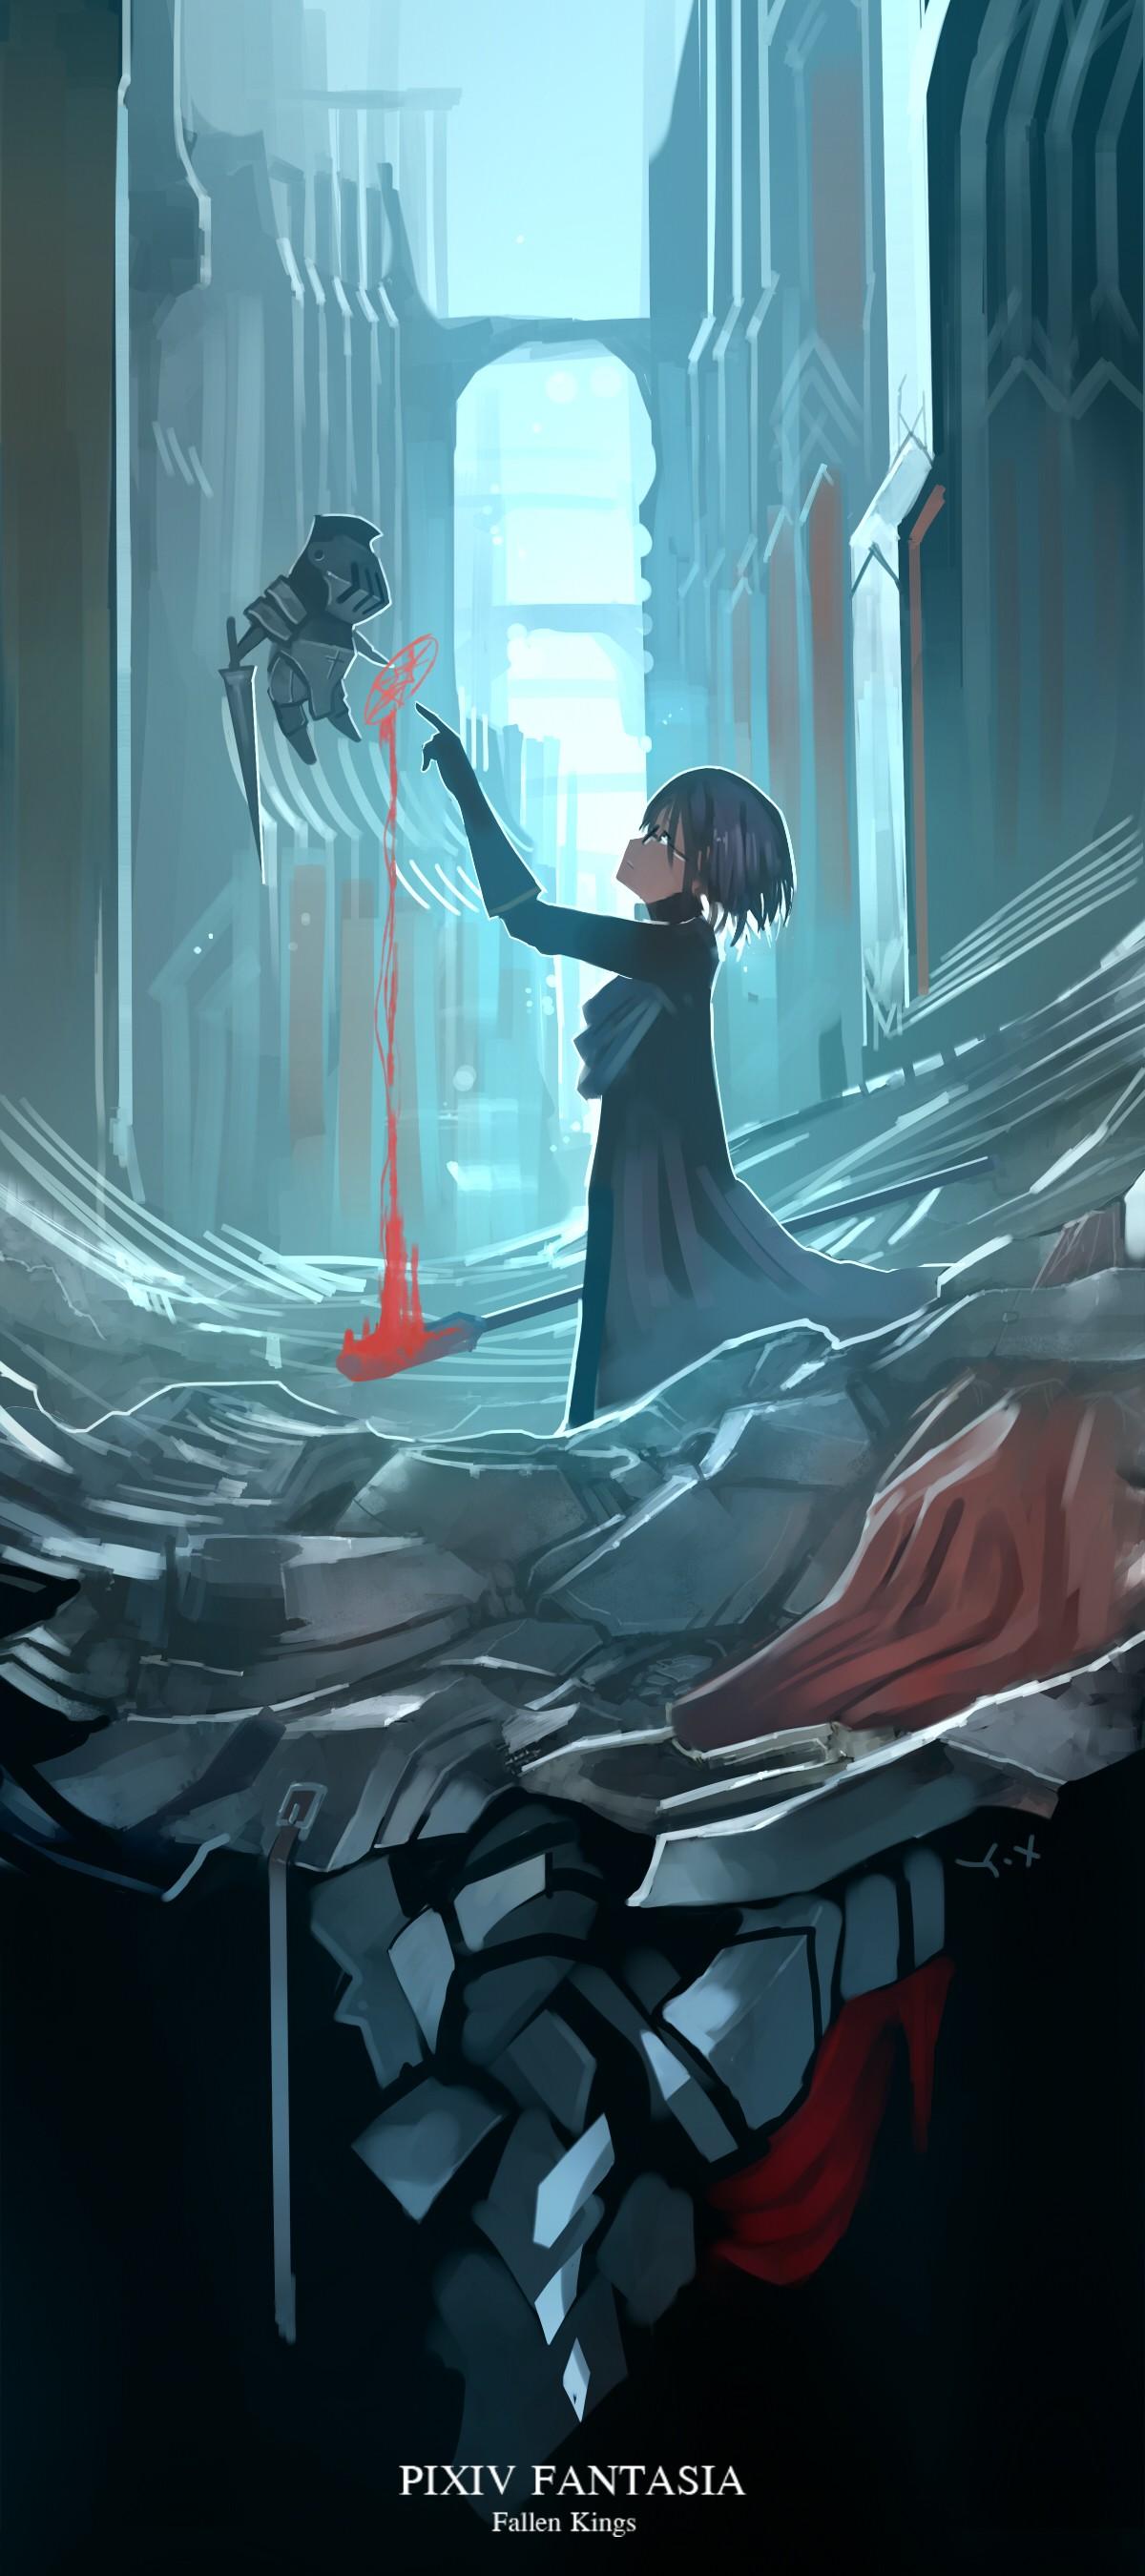 デスクトップ壁紙 図 アニメの女の子 ショートヘア 眼鏡 武器 血液 ピクシヴファンタジア Pixiv Fantasia Fallen Kings スクリーンショット 架空の人物 10x2700 Radlet デスクトップ壁紙 Wallhere